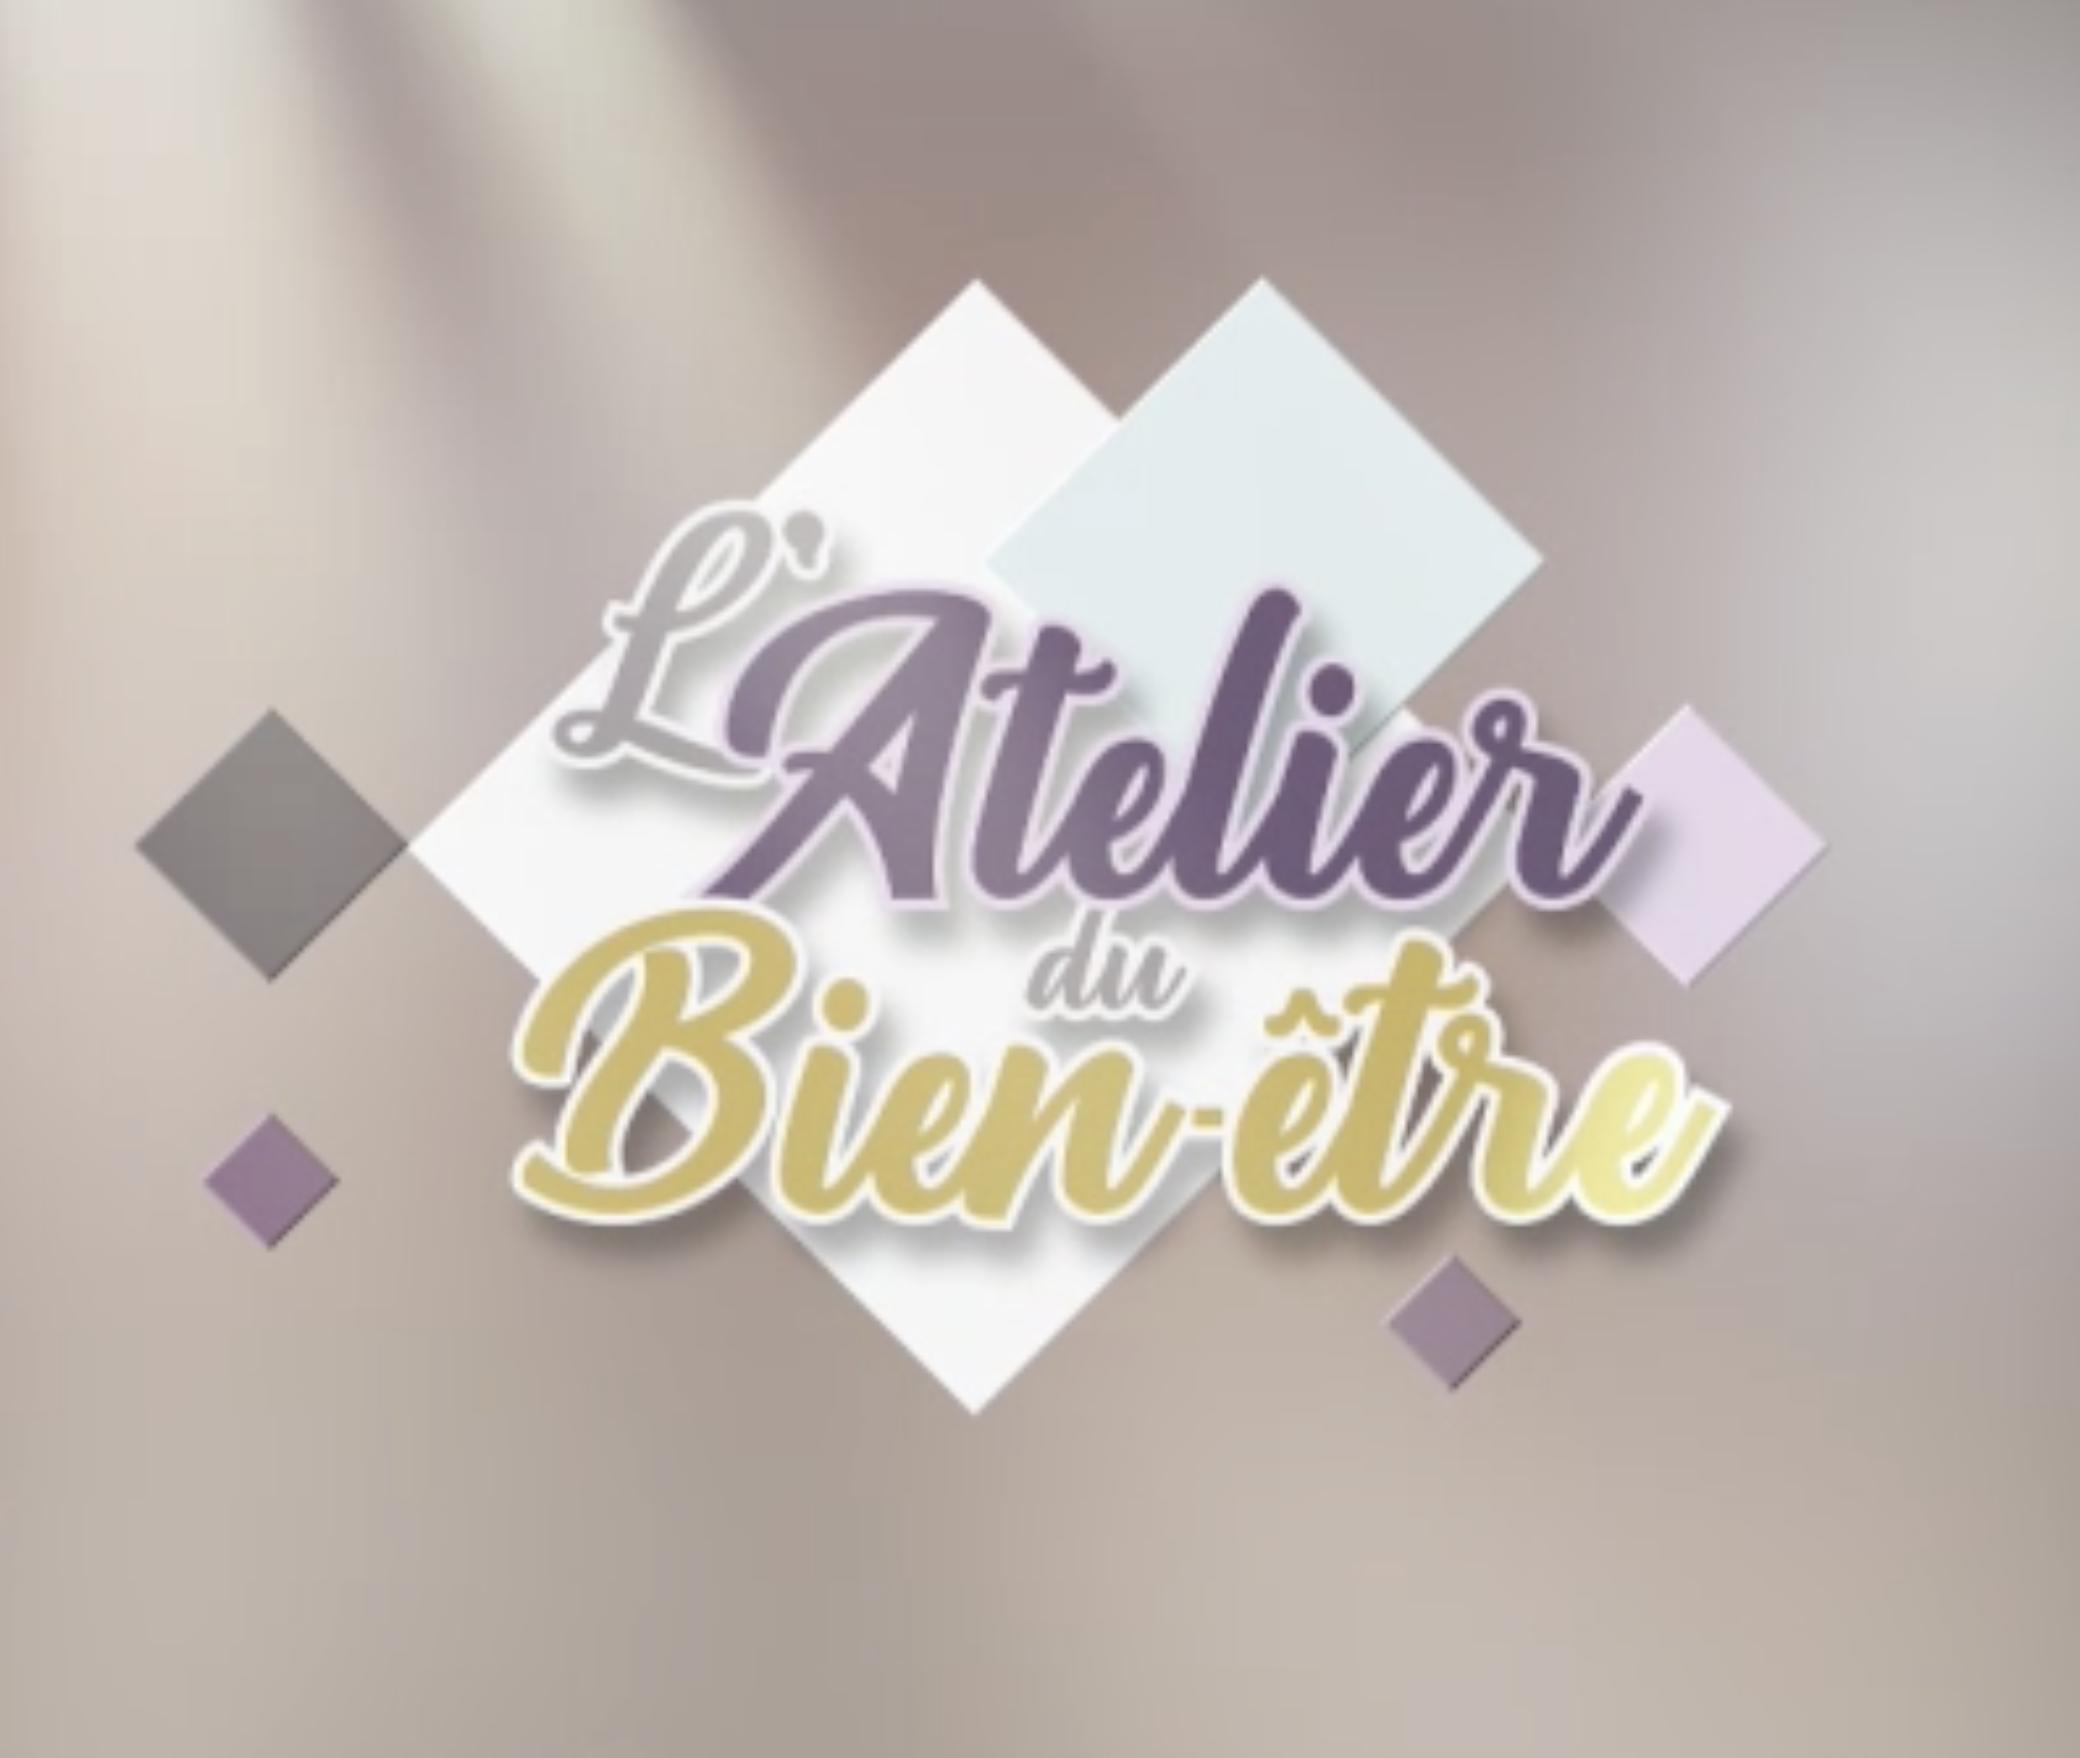 logo atelier du bien être émission tv Vendée